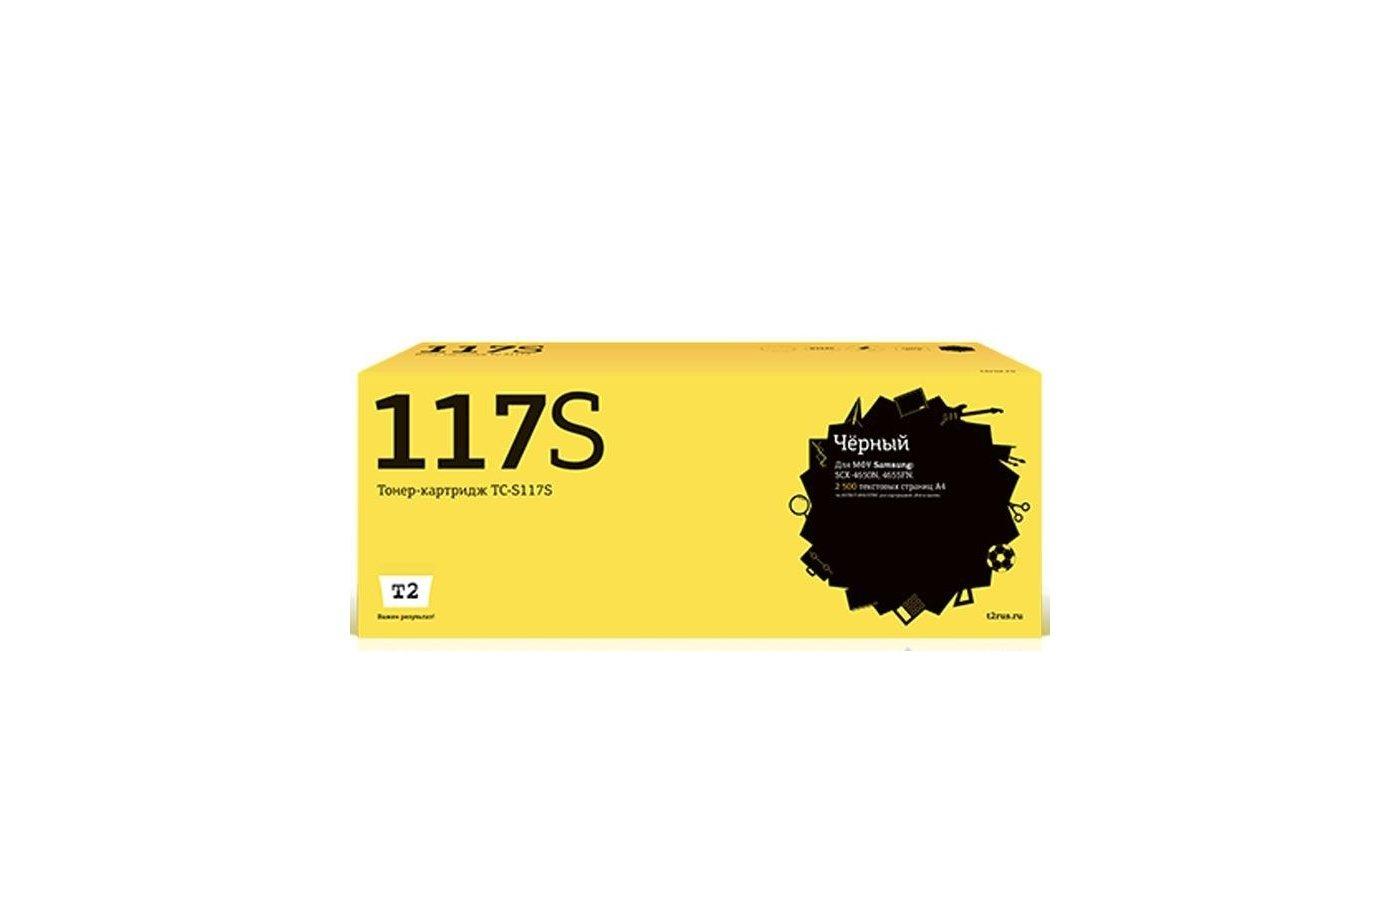 Картридж лазерный T2 совместимый TC-S117S для Samsung SCX-4650N/4655FN (2500 стр.) с чипом